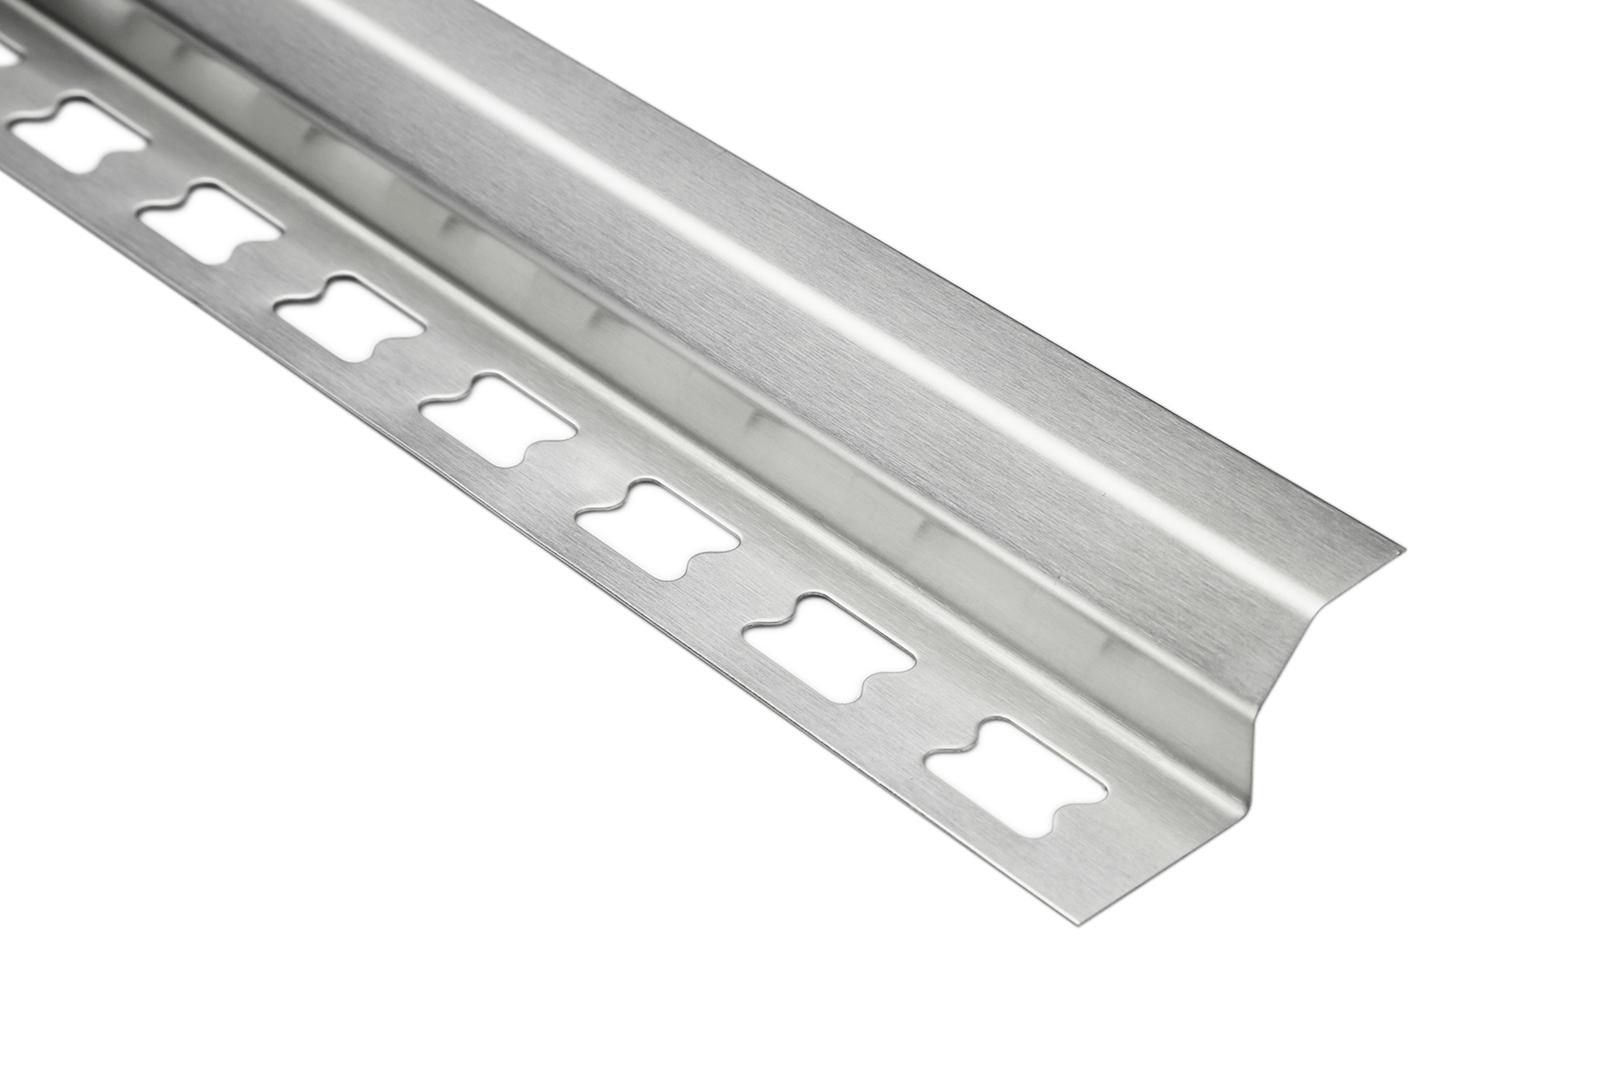 Hohlkehlenprofil gerade 10mm | Edelstahlschienen - silber gebürstet | EIG Sparpaket